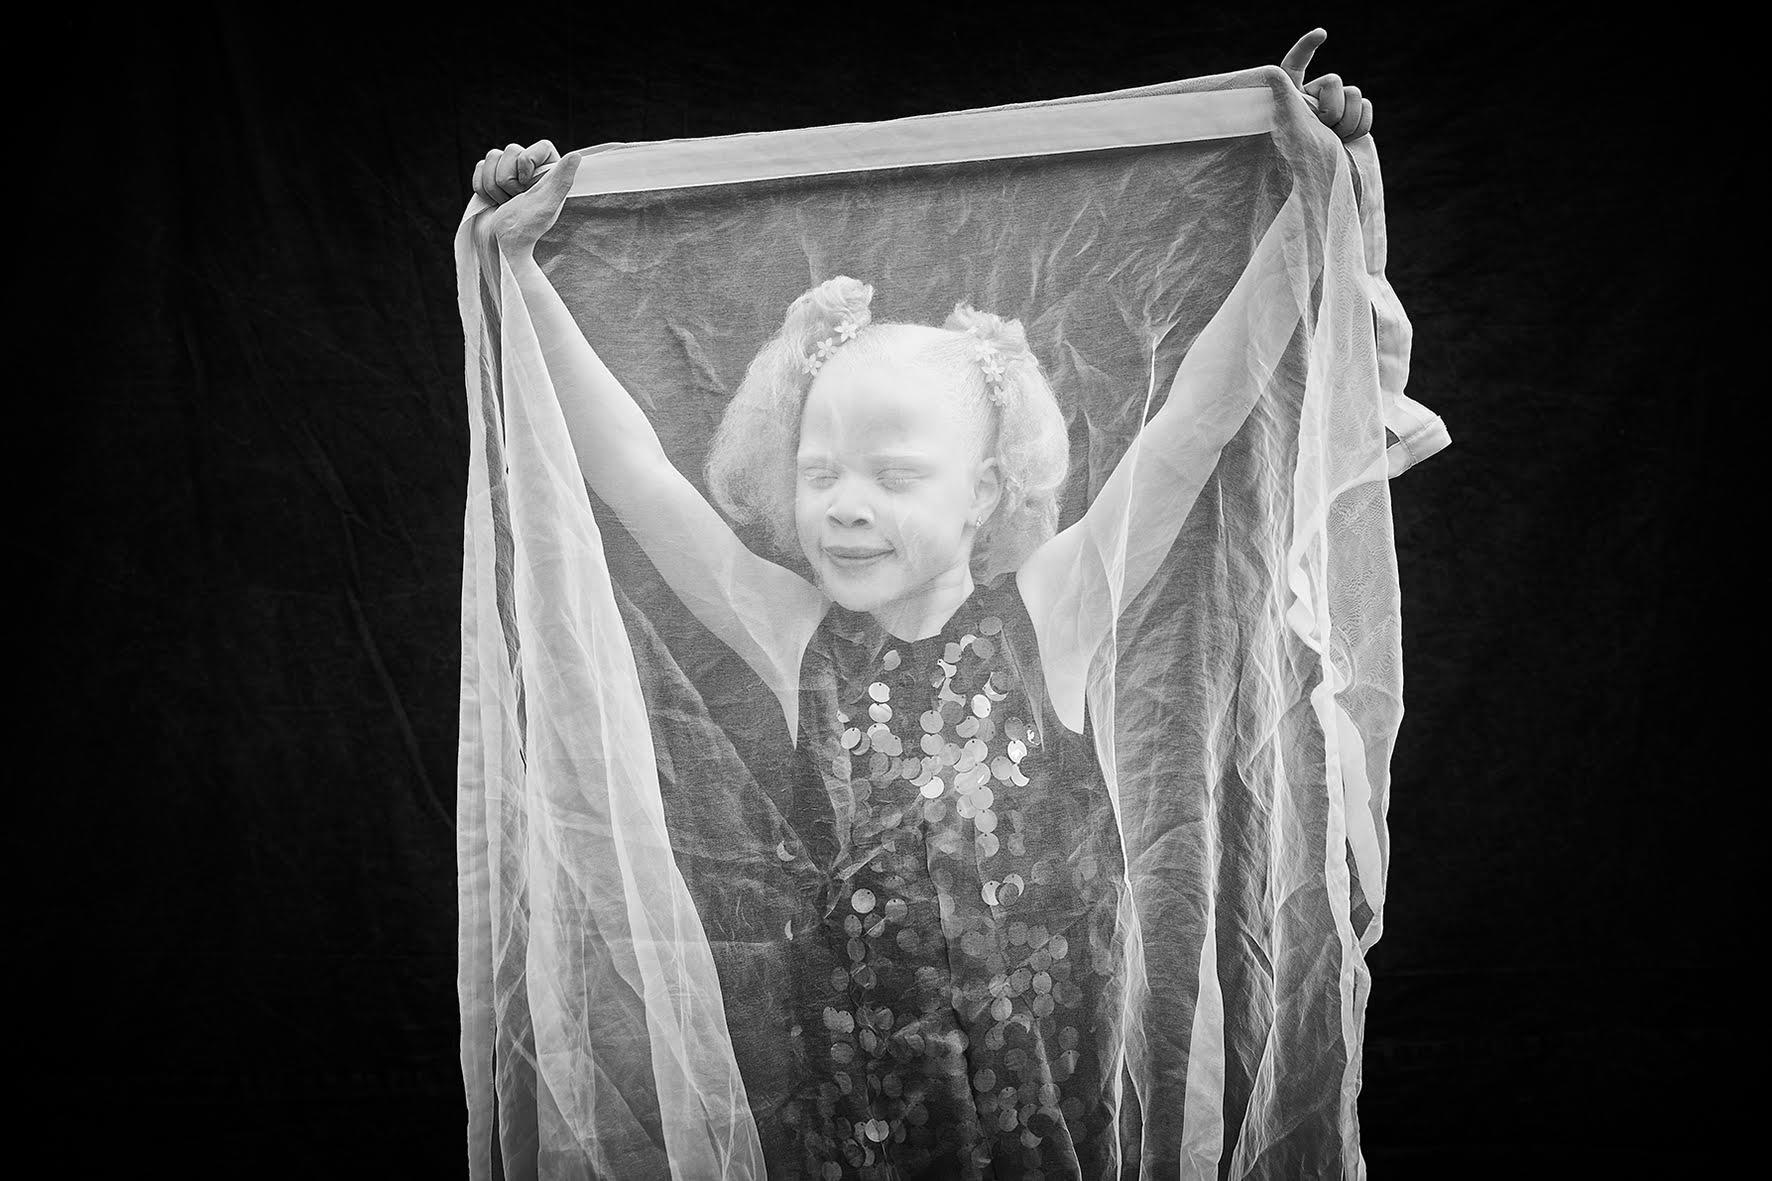 Nora, Ocular Albinism, Zebedee Managemen